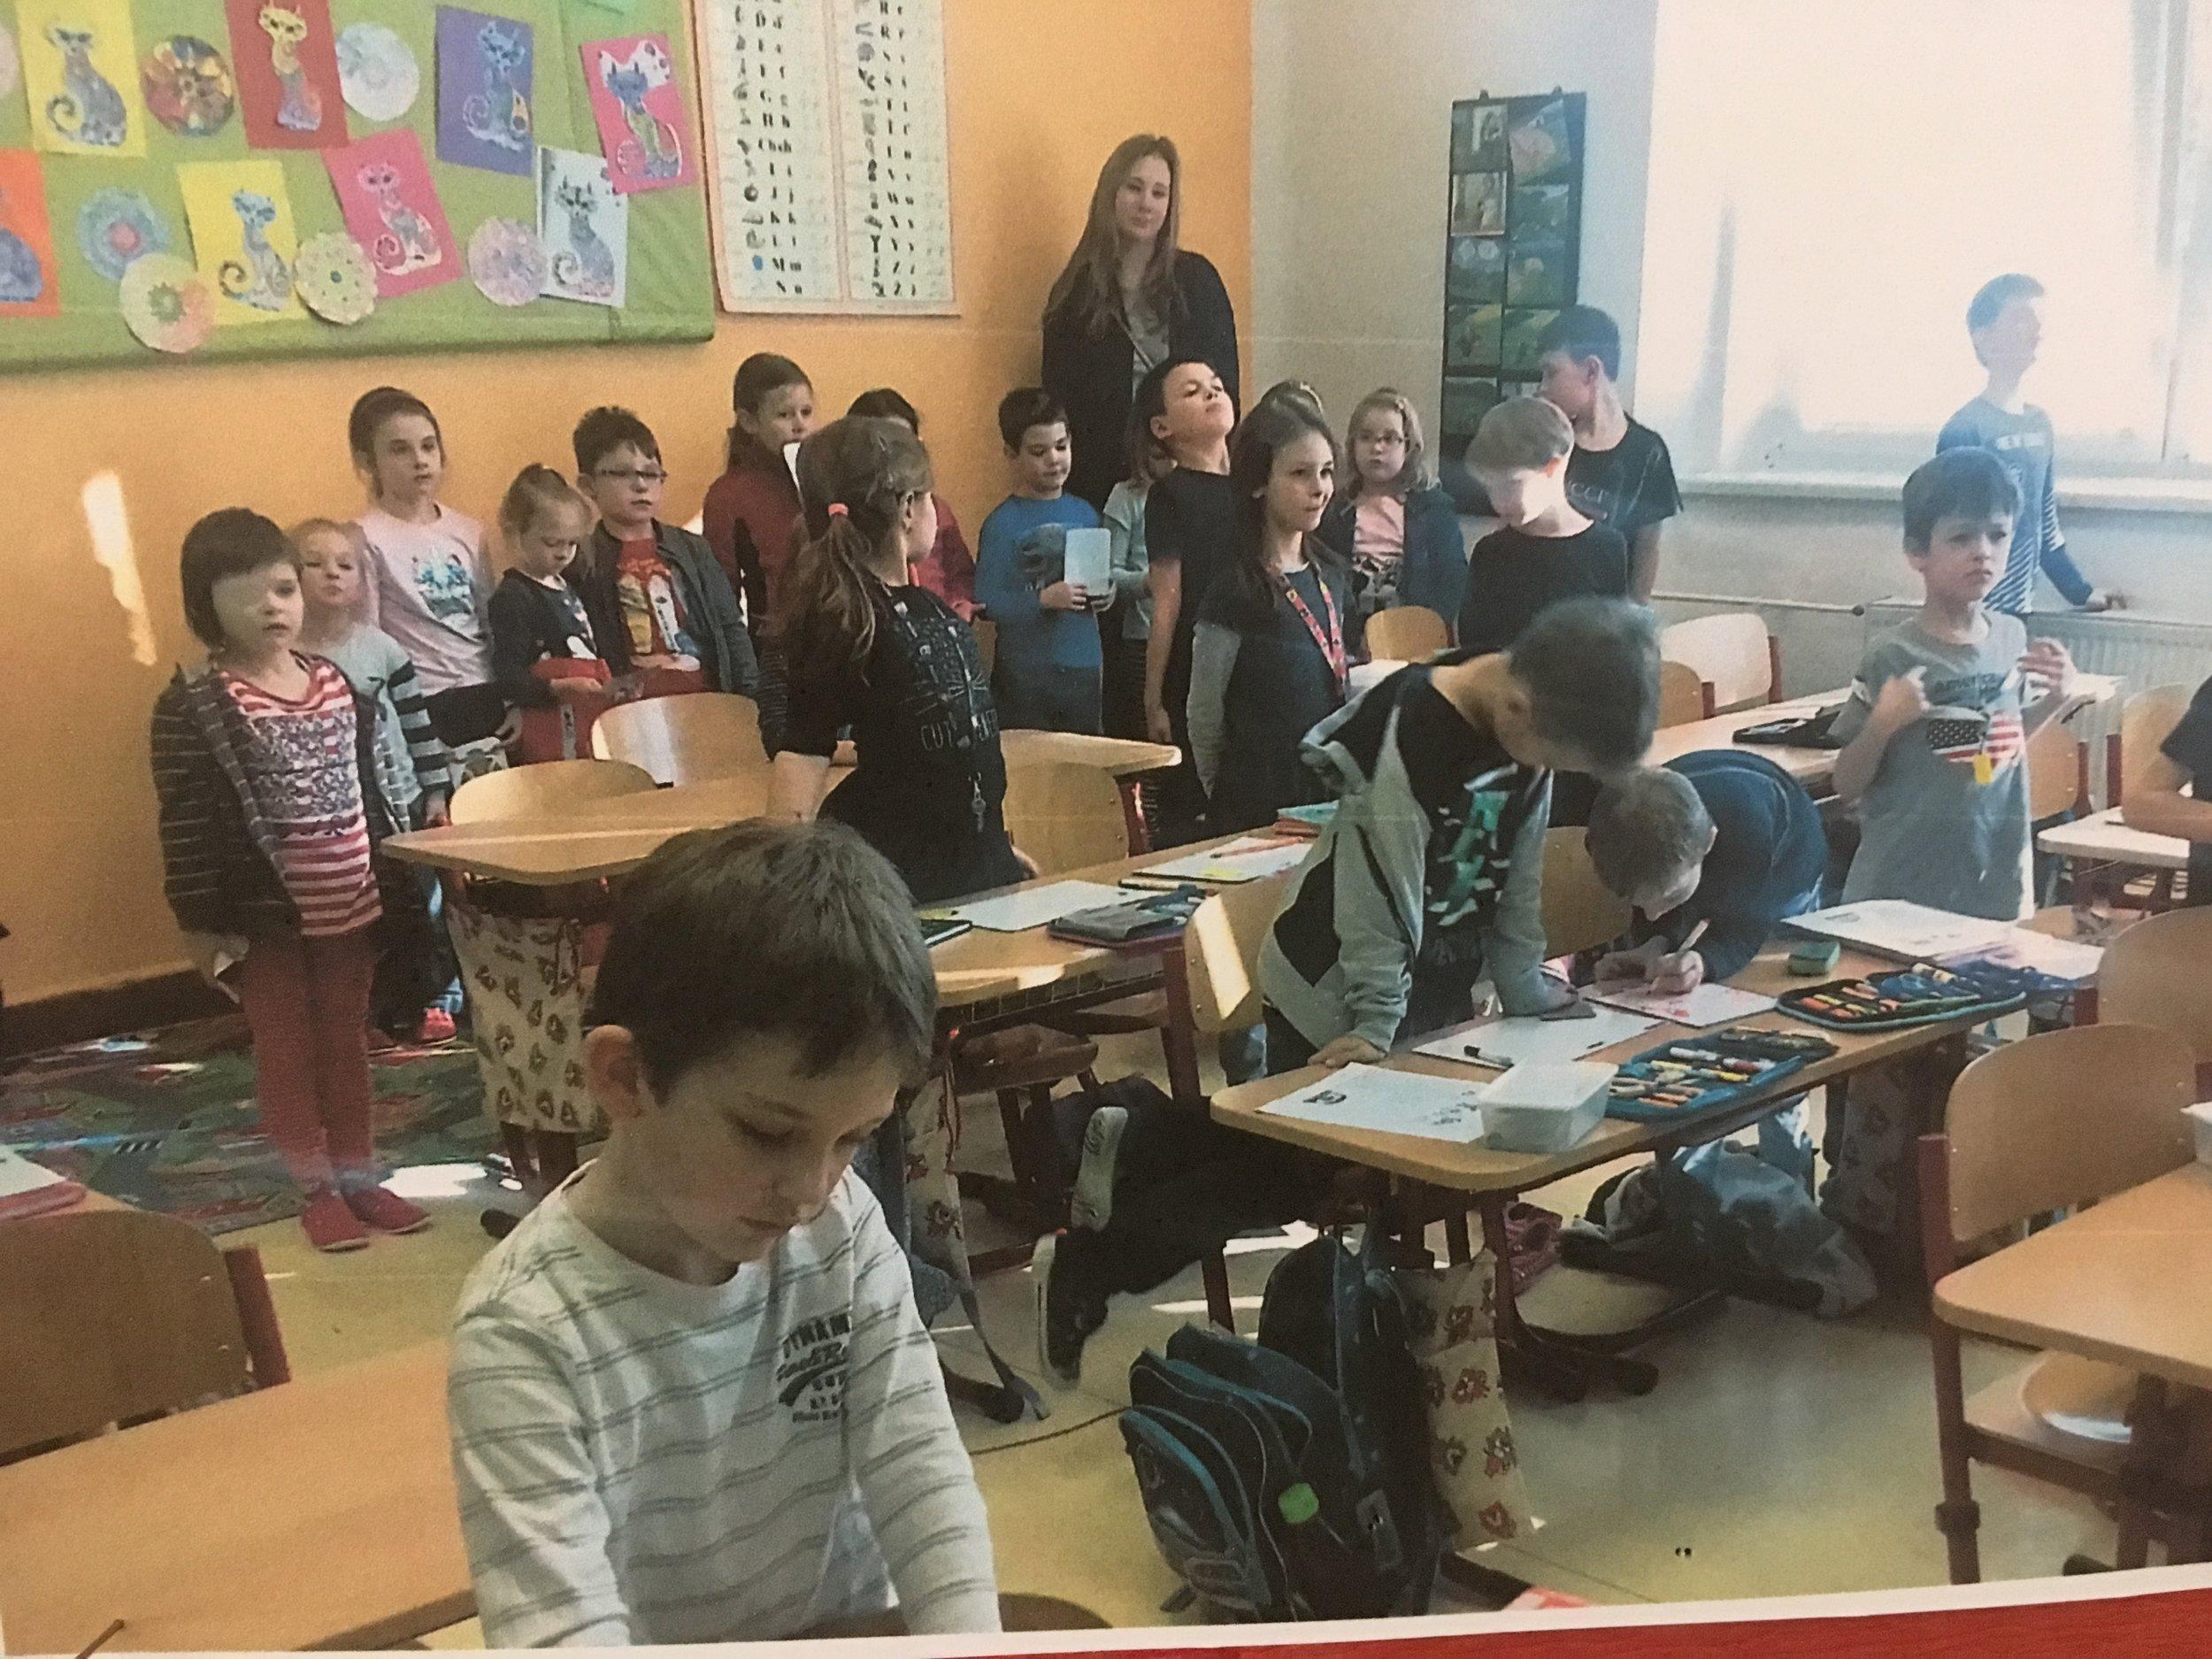 Andrew's class